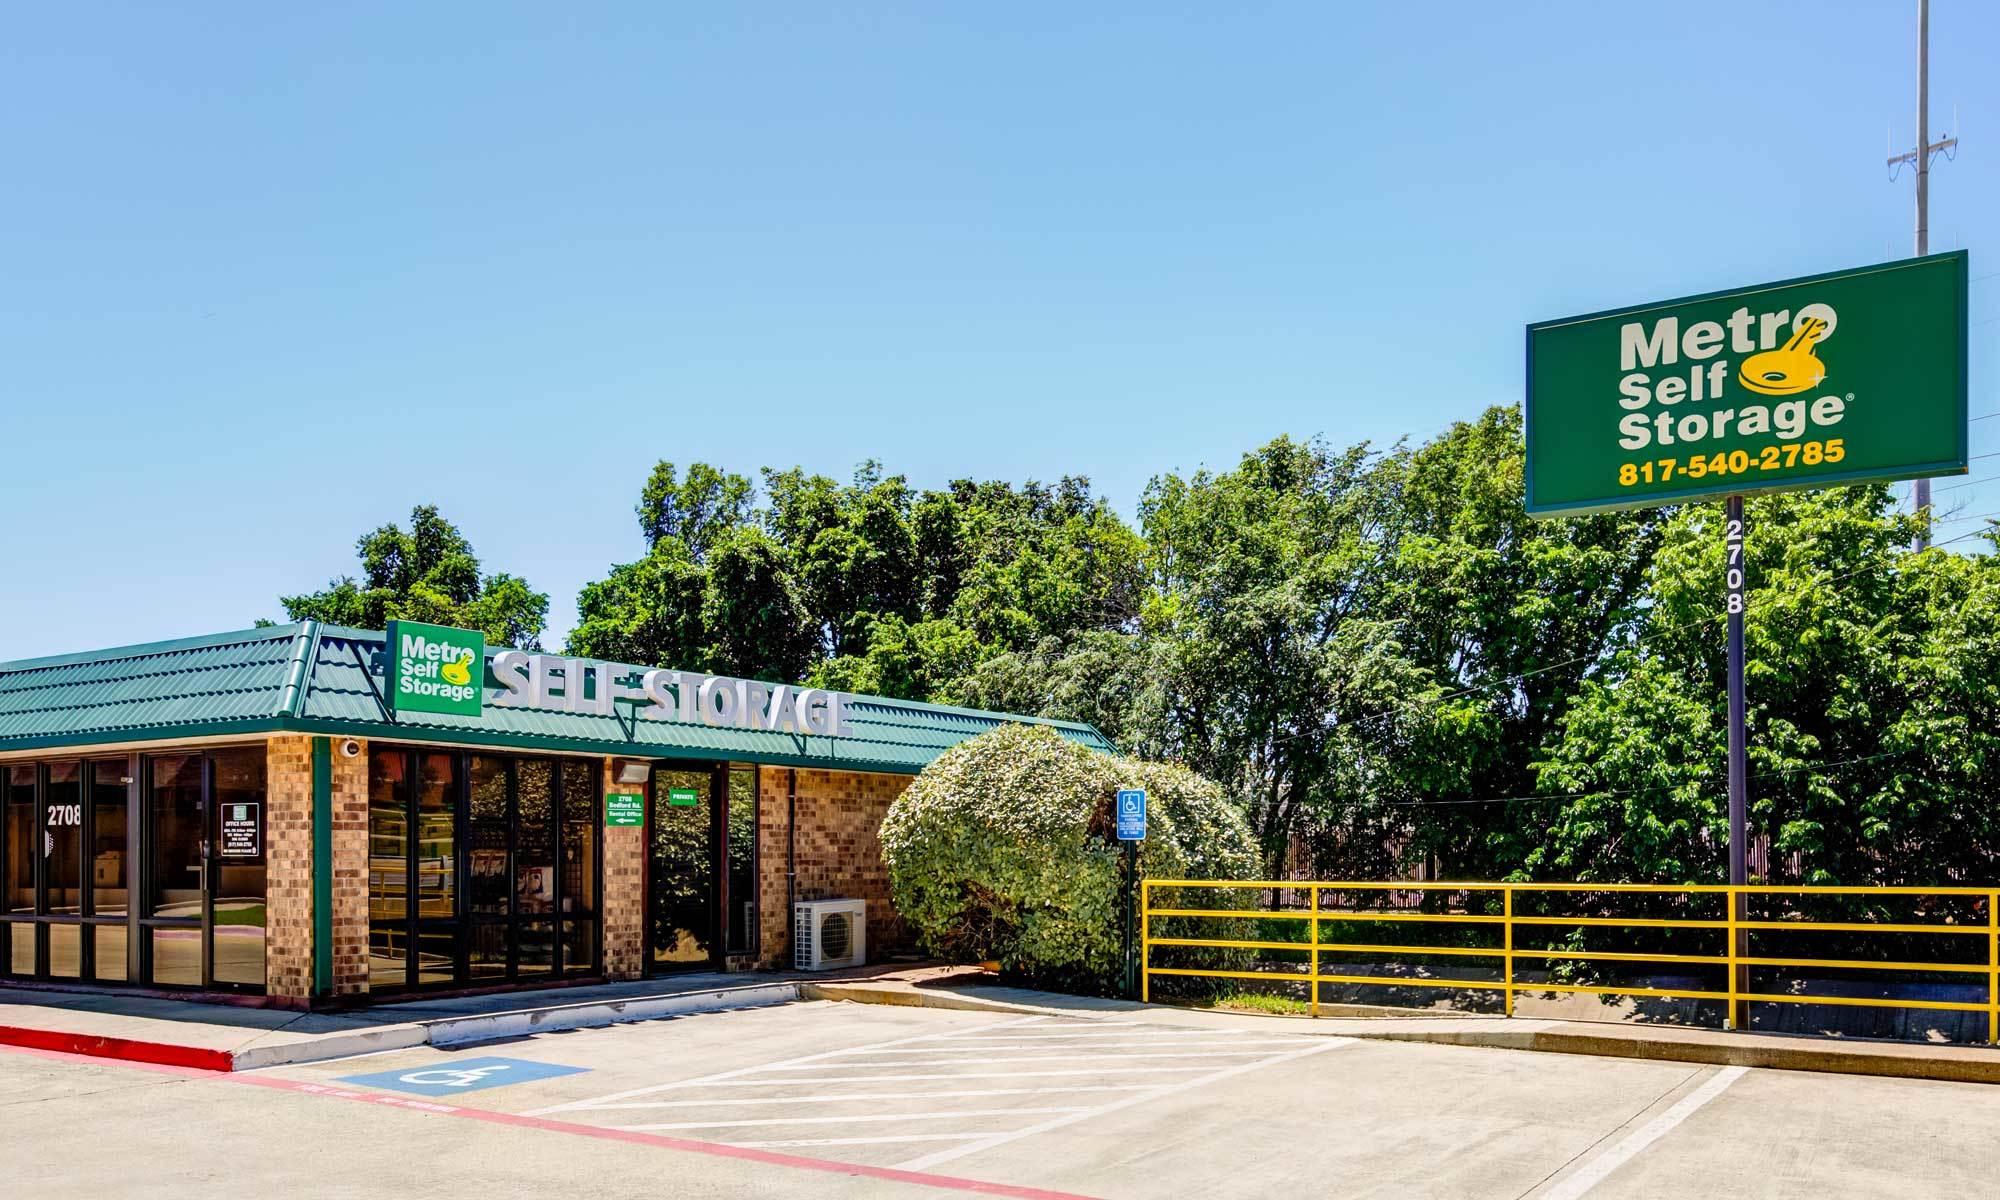 Metro Self Storage in Bedford, TX